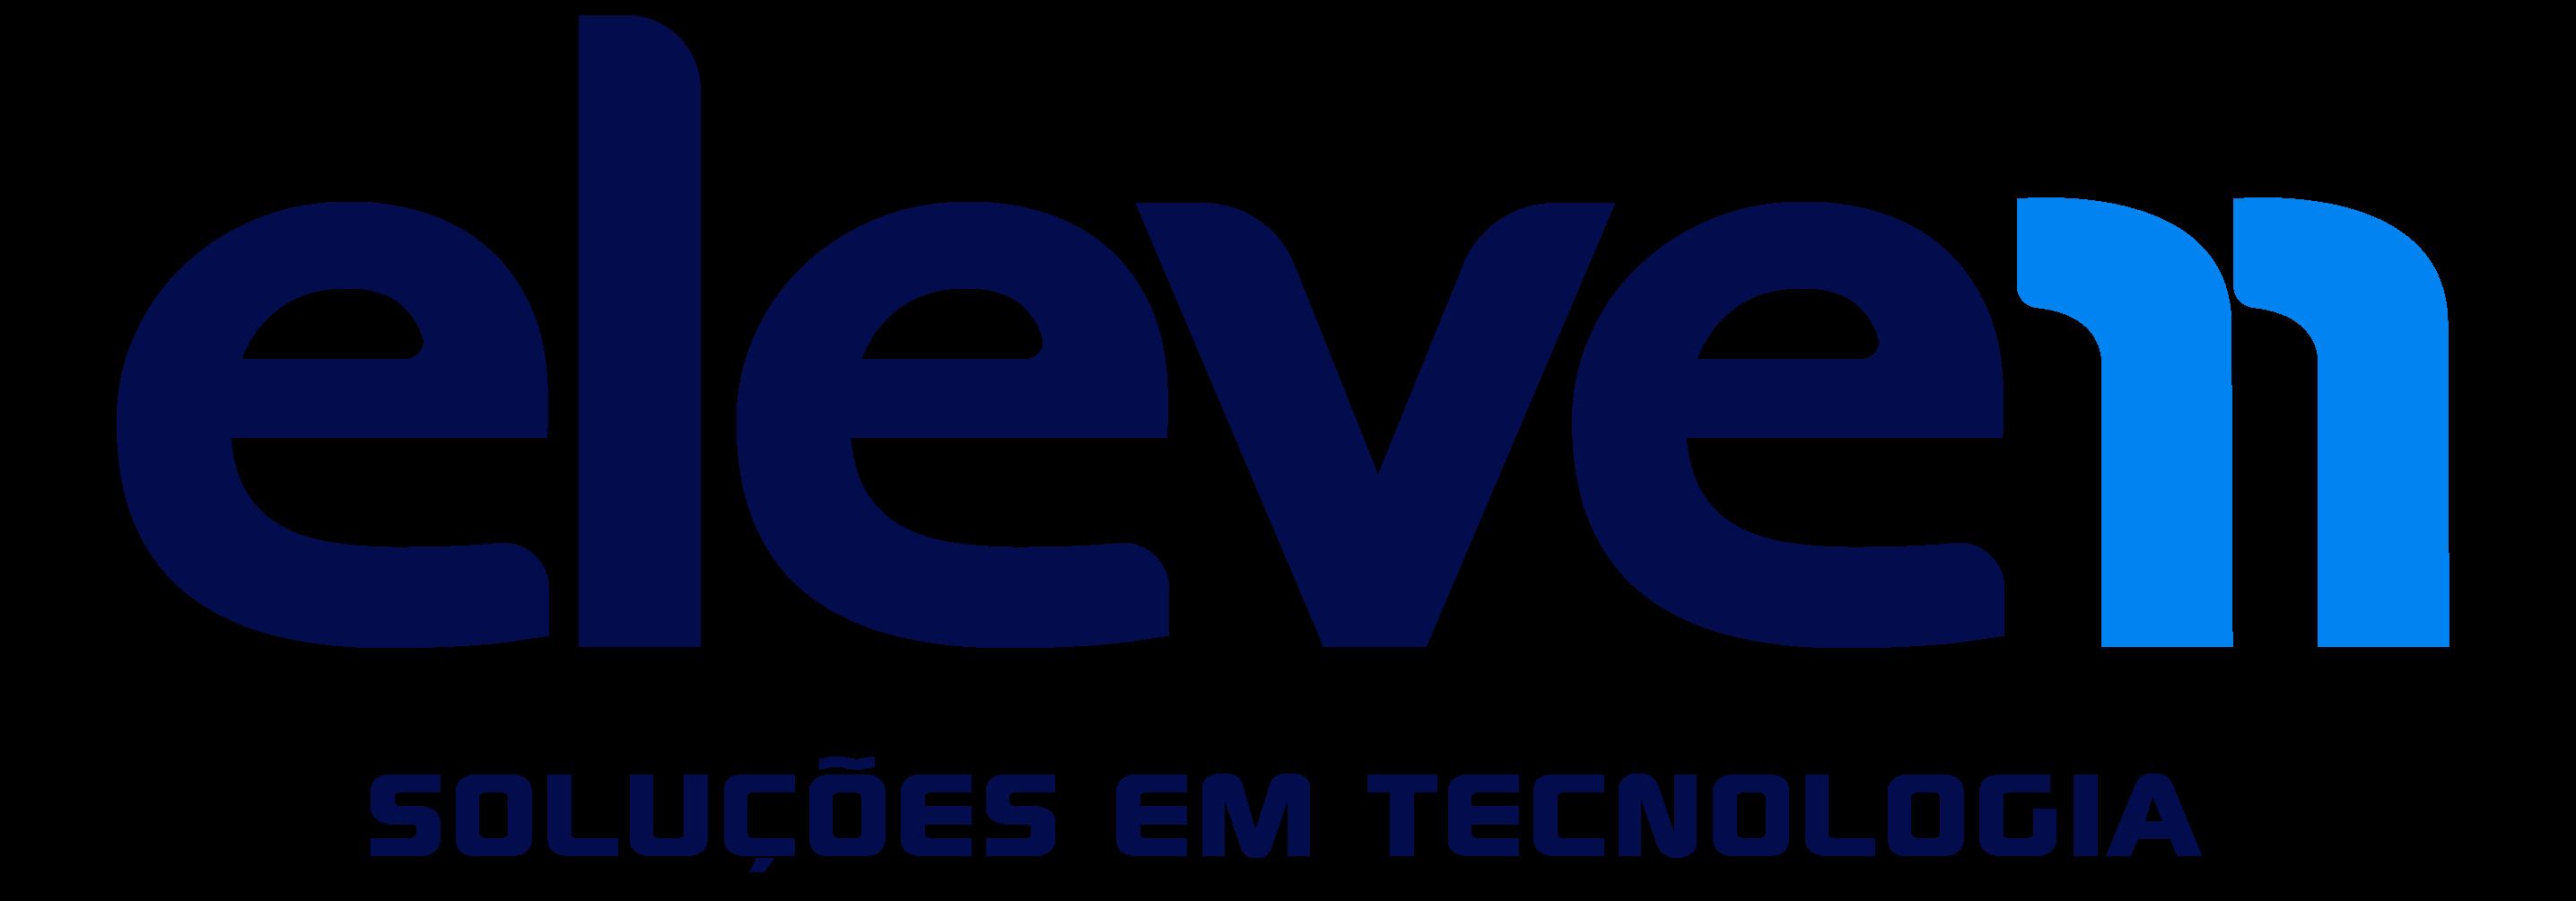 Eleven Soluções em Tecnologia